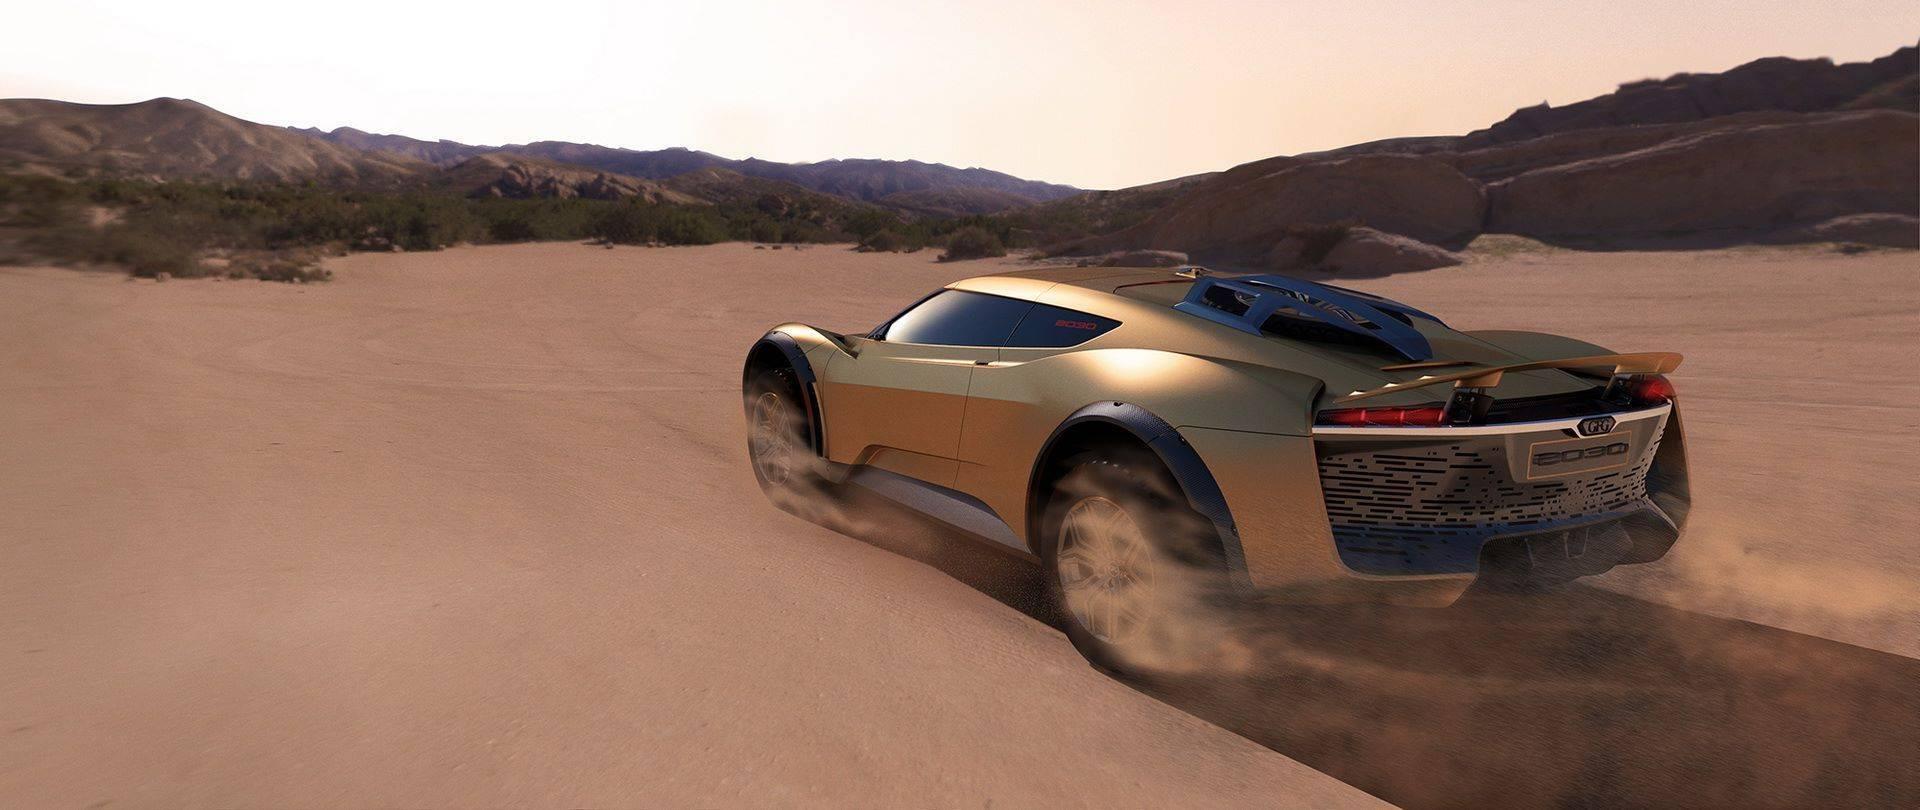 gfg-style-vision-2030-desert-raid-16